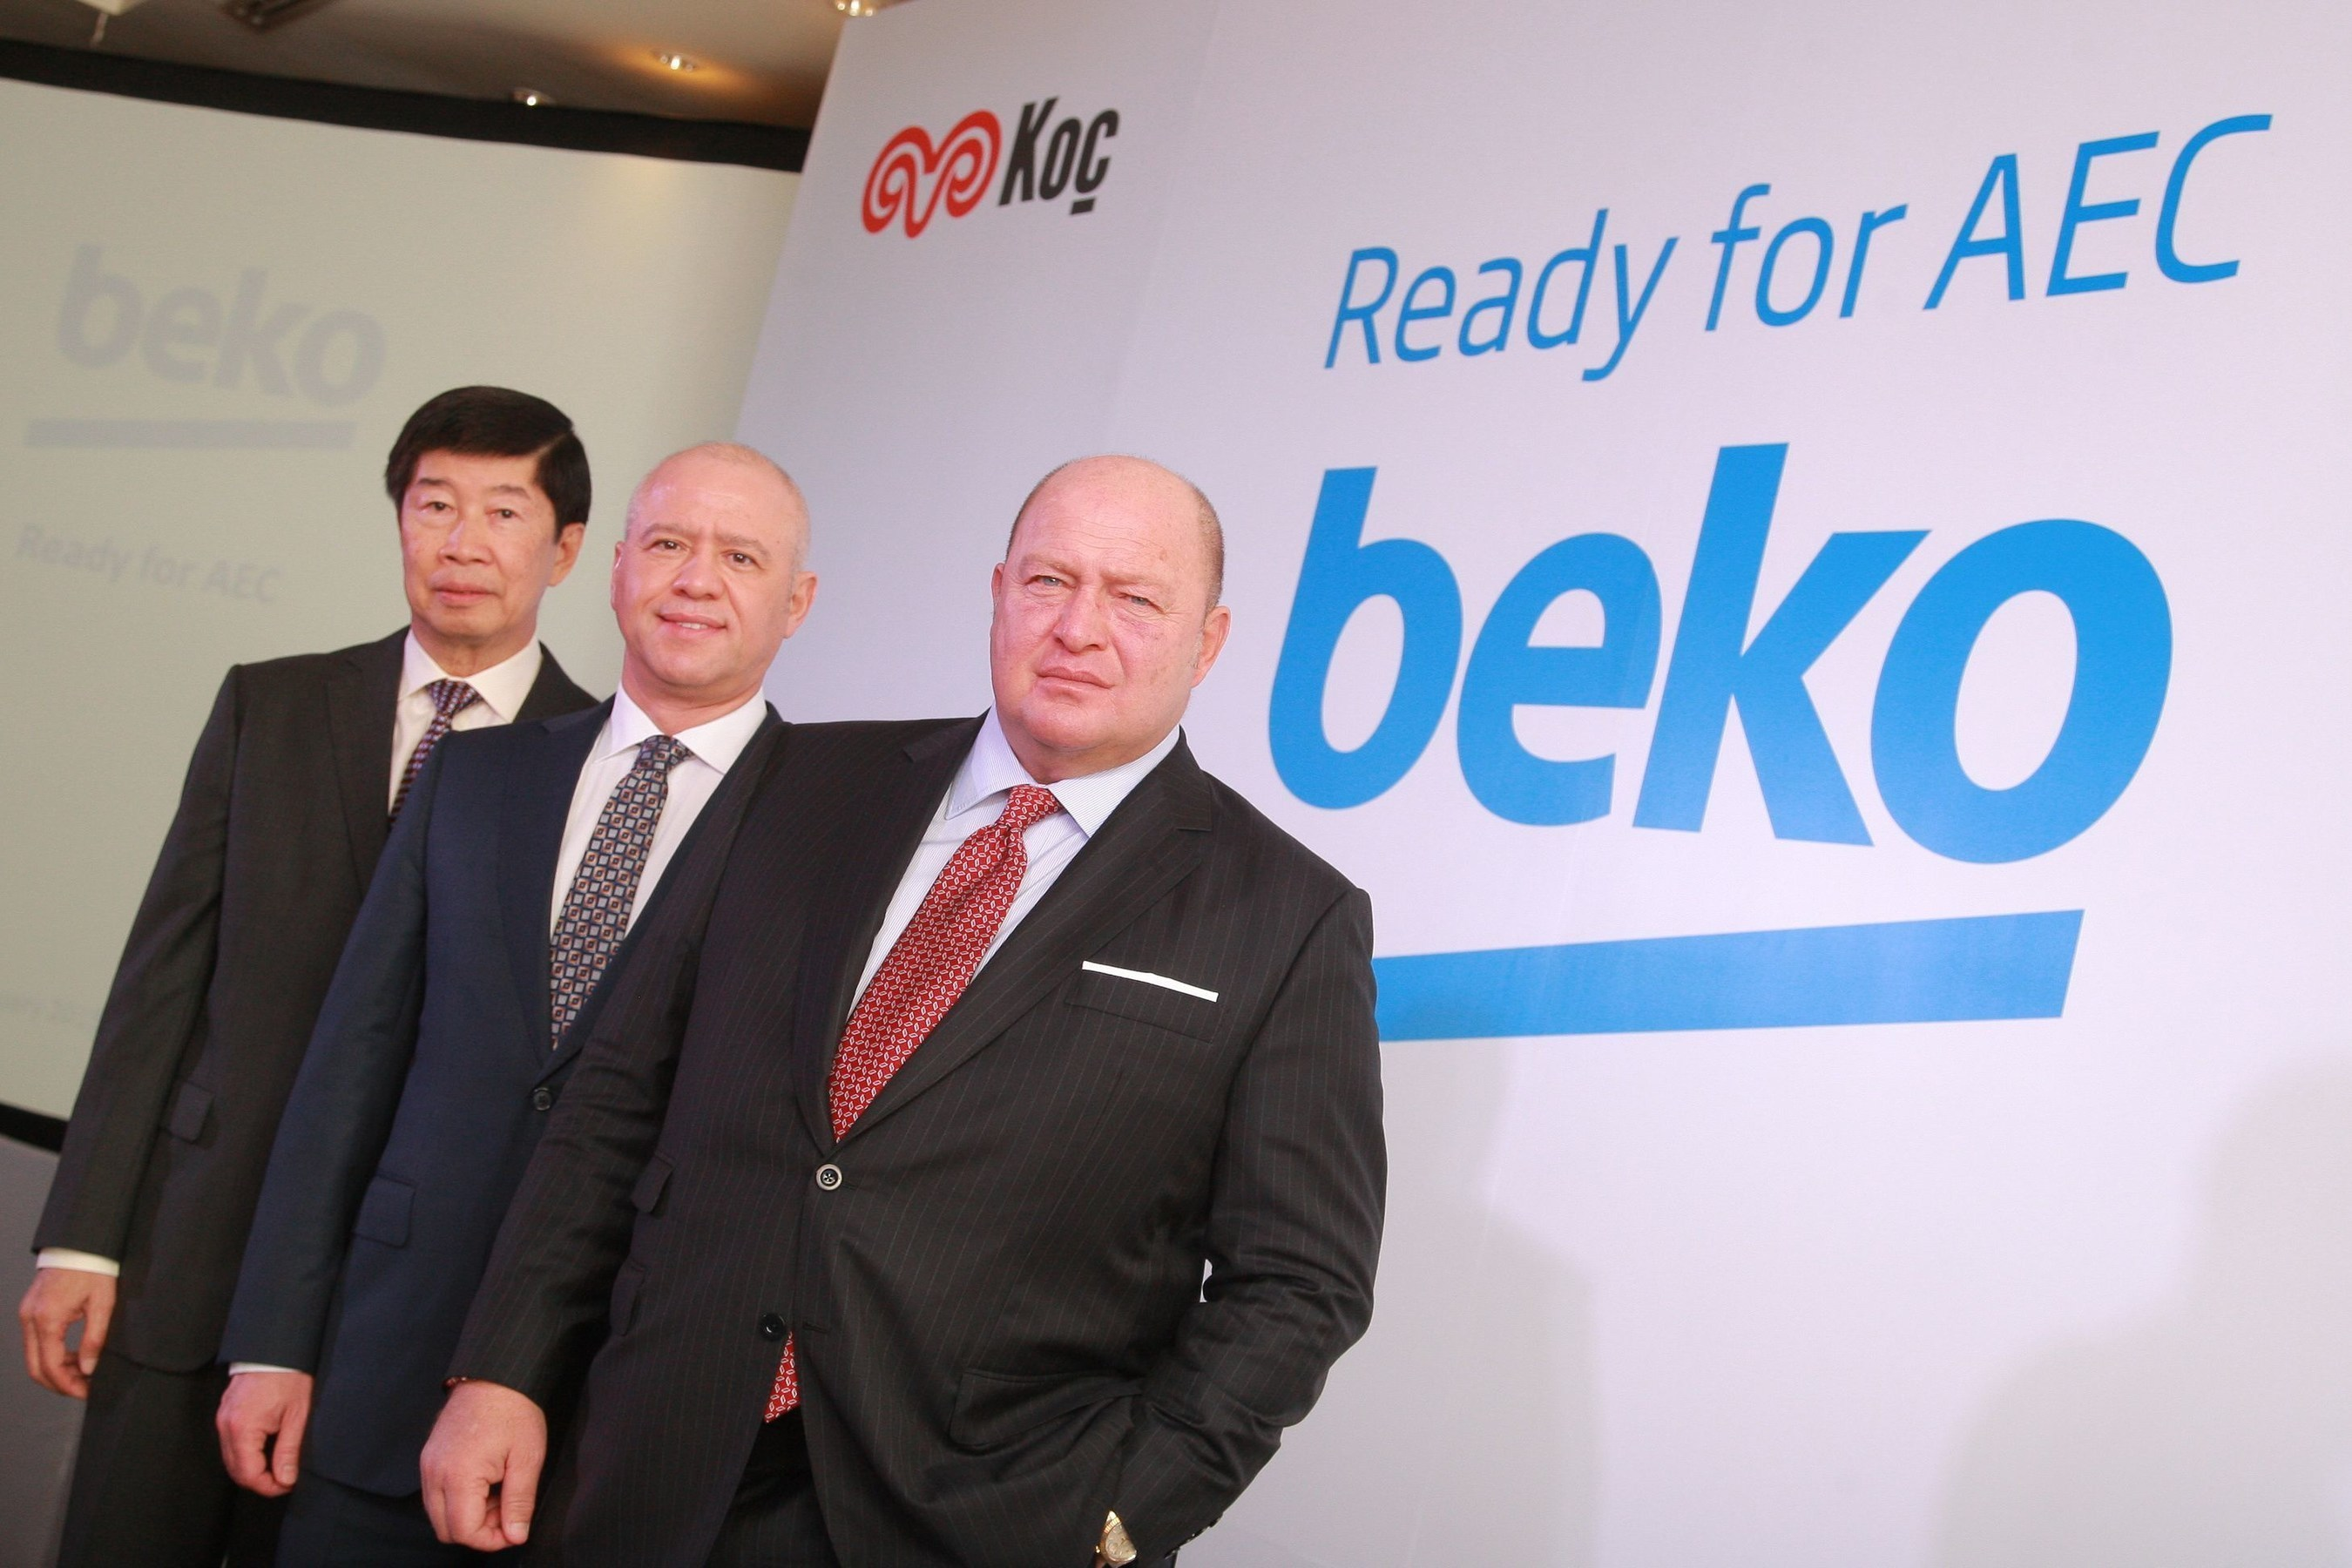 Mr. Levent Cakiroglu (centre), global CEO, Arcelik A.S., the owner of the Beko brand, Mr. Mustafa V. Koc (right), Chairman of Koc Holding, and Mr. Dhevan Liauburindr (left), President, Titanco International Co., Ltd.